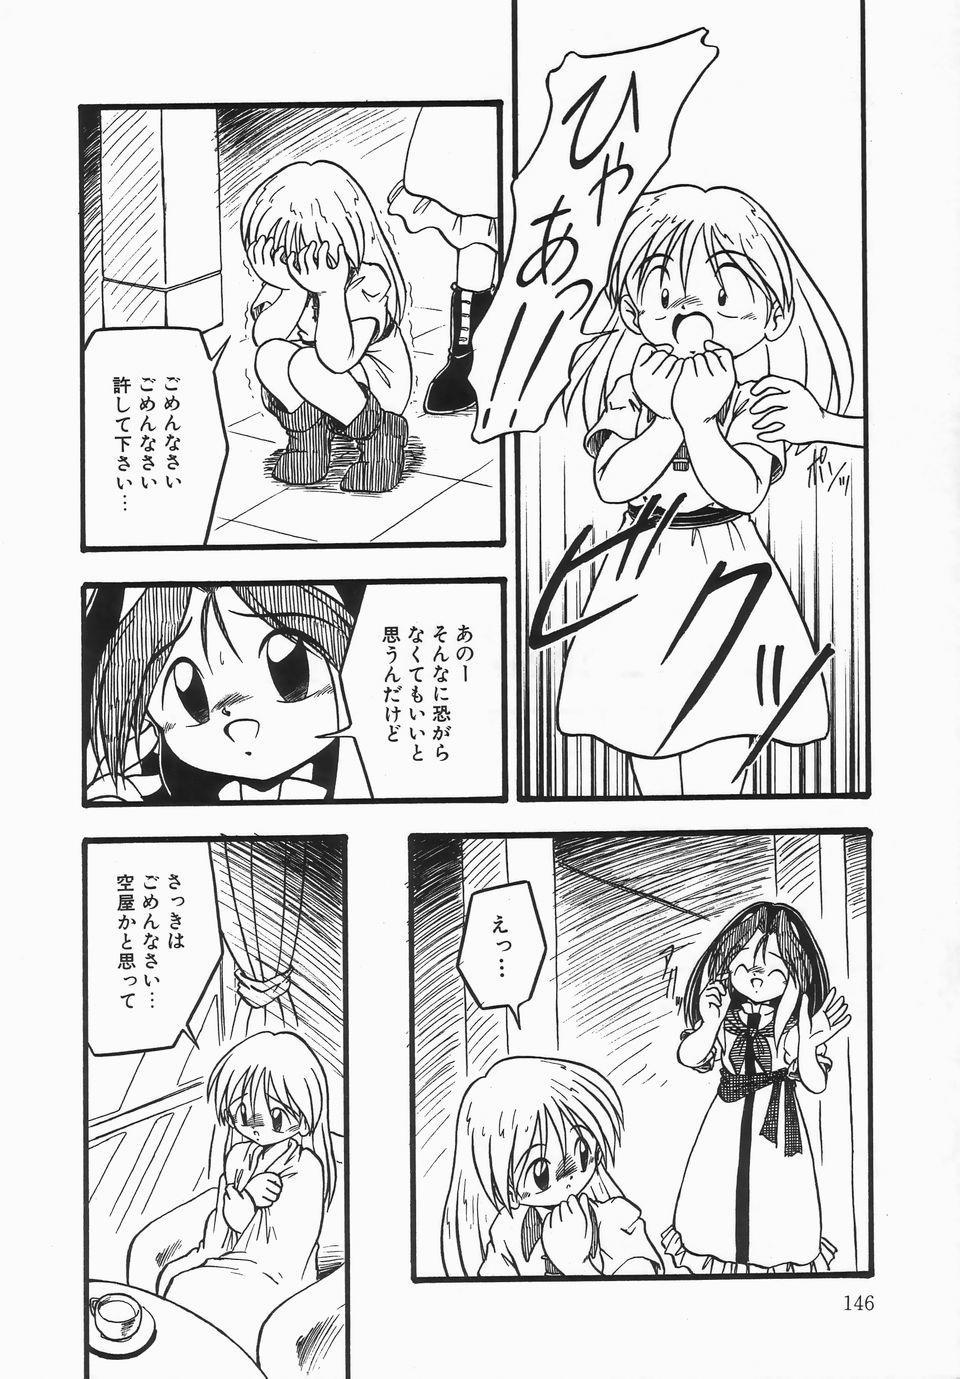 Kanchou Shoujo - Enema Girl 149